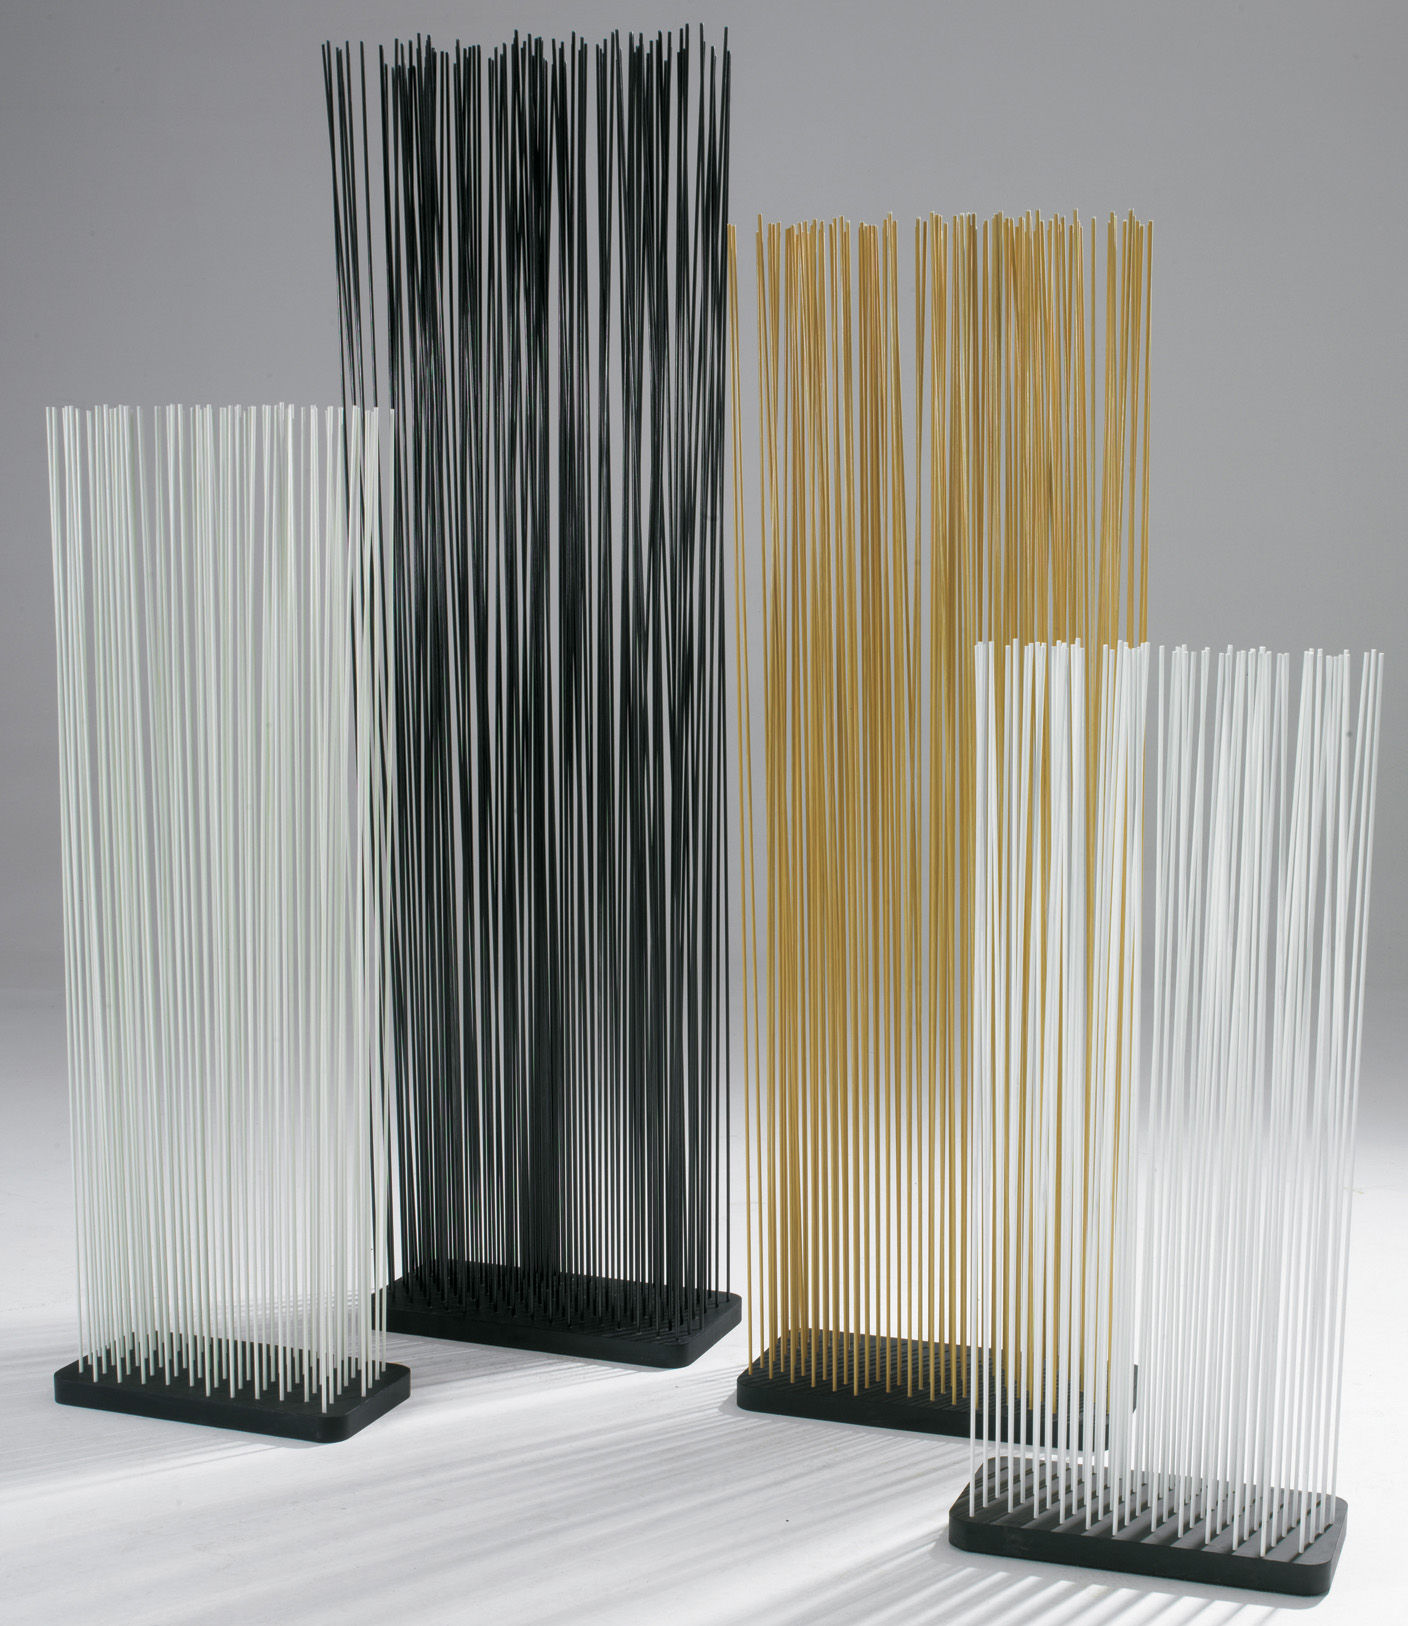 paravent sticks l 60 x h 150 cm int rieur ext rieur noir extremis. Black Bedroom Furniture Sets. Home Design Ideas